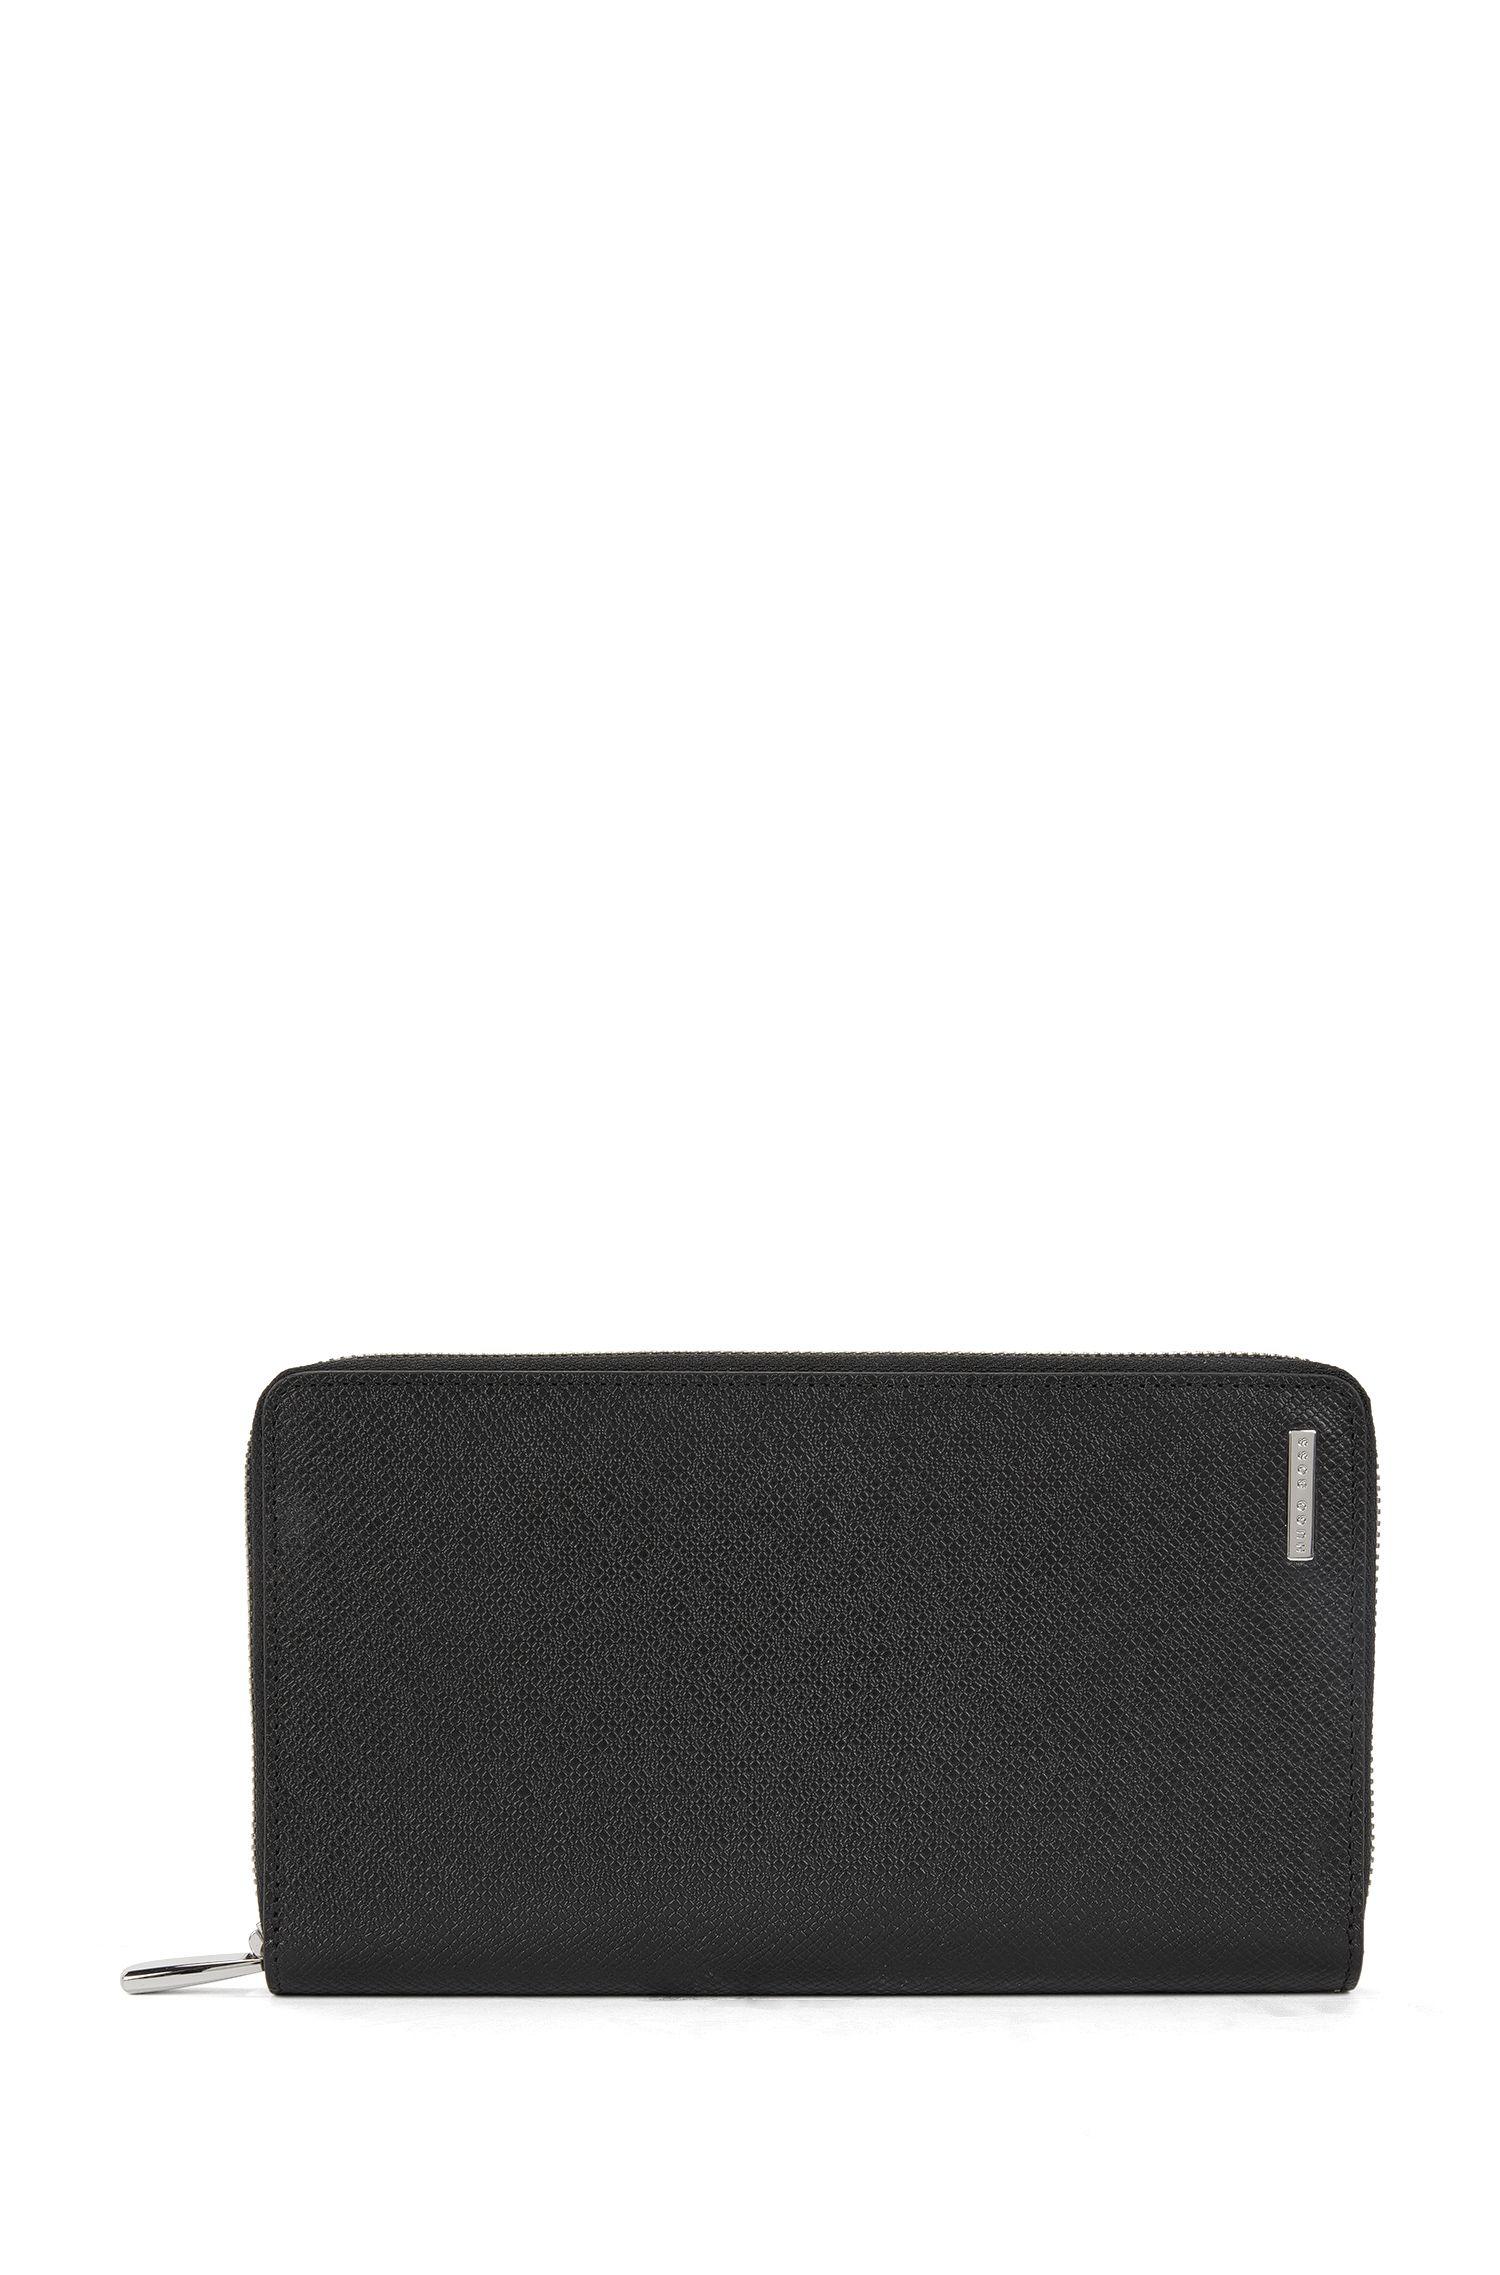 Leather Zip-Around Wallet | Signature S Zip